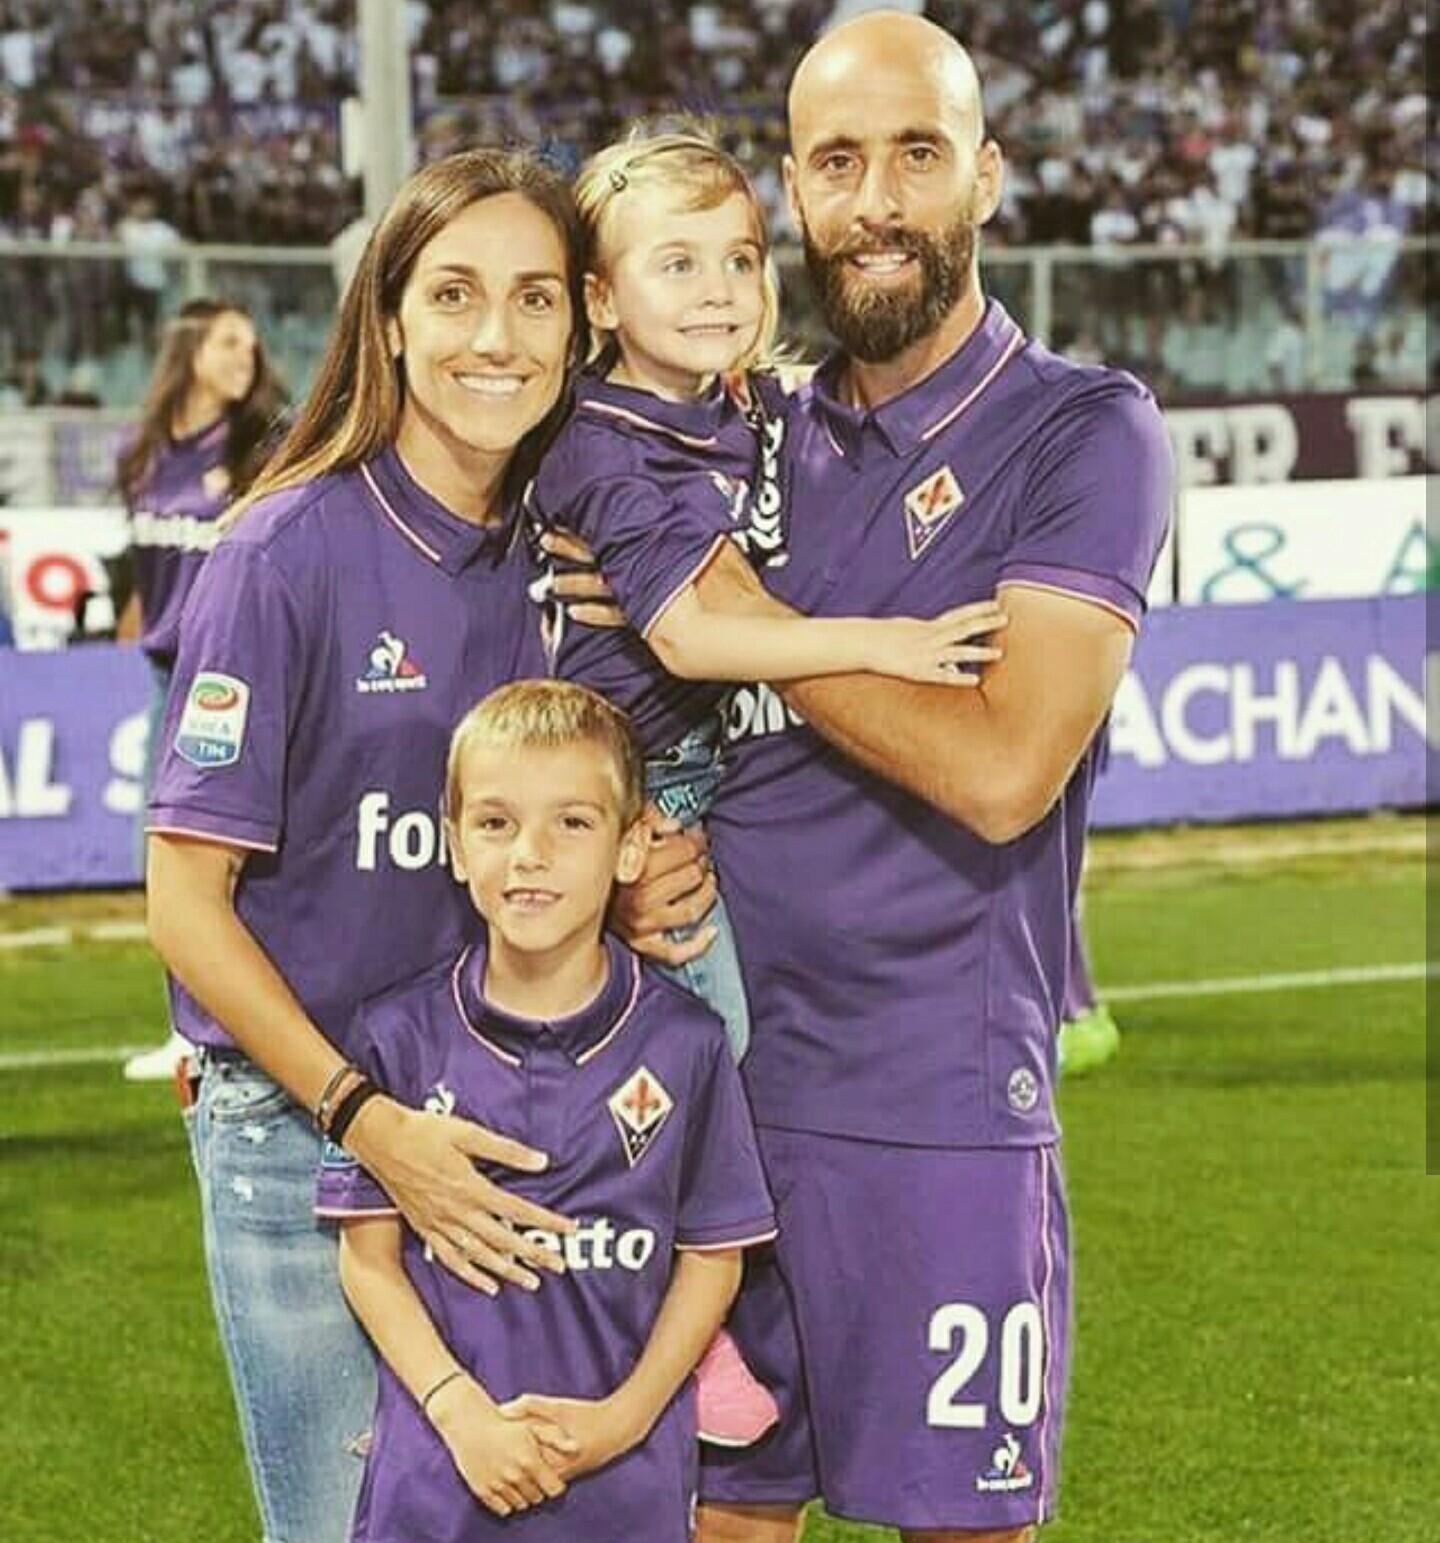 """Rocio Valero e il """"Mi Piace"""" che fa sperare i tifosi della Fiorentina. Ecco il dettaglio che arriva direttamente da Instagram"""